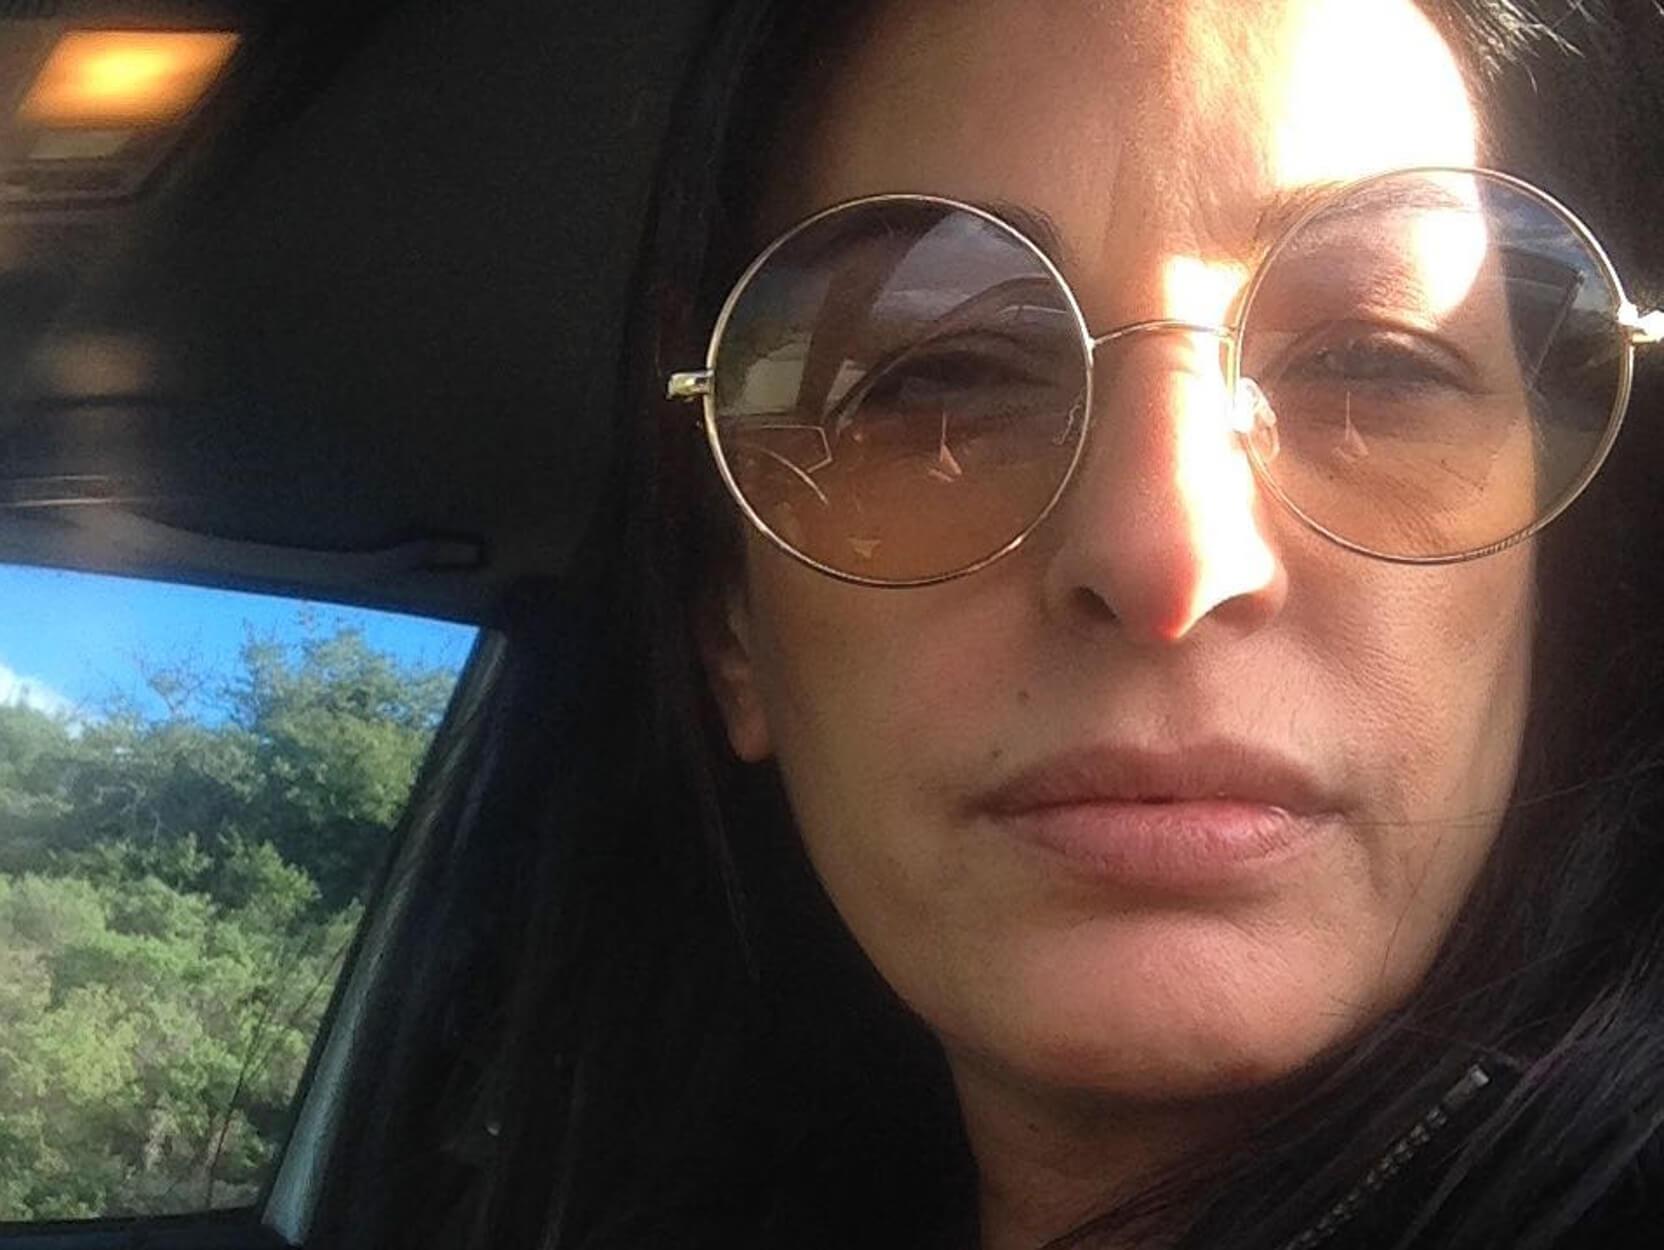 Μυρσίνη Λοΐζου: Τι δηλώνει η κόρη του Μάνου Λοϊζου για τη συμμετοχή της στο ευρωψηφοδέλτιο του ΣΥΡΙΖΑ